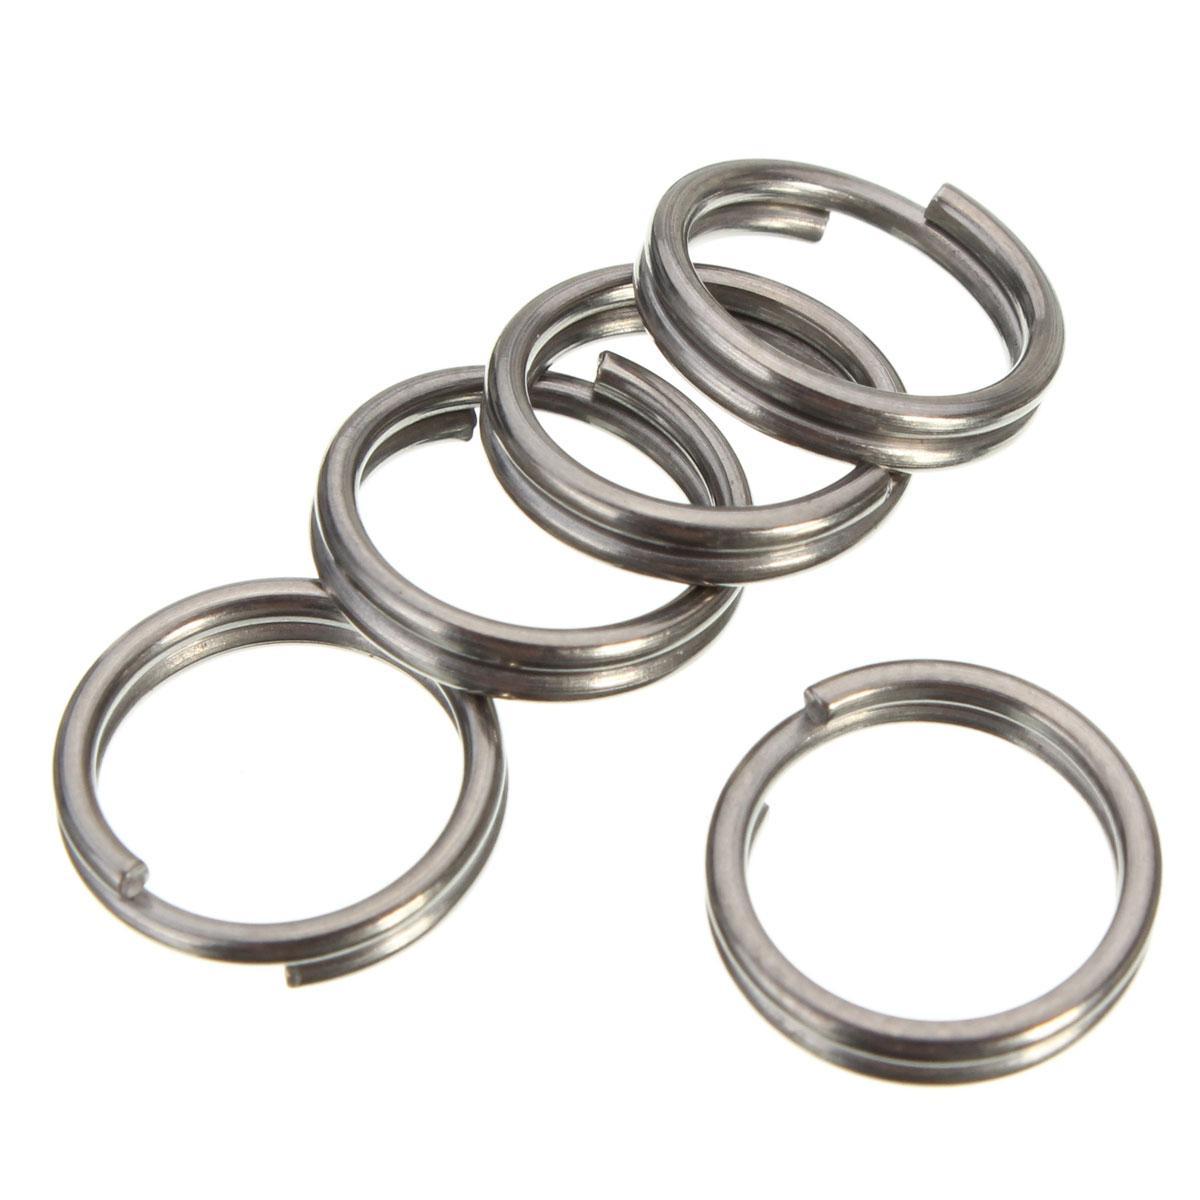 2c3396ebda Cacao 10mm EDC Gear Titanium Ti Key Chain Key Ring Split Ring 4-12 ...